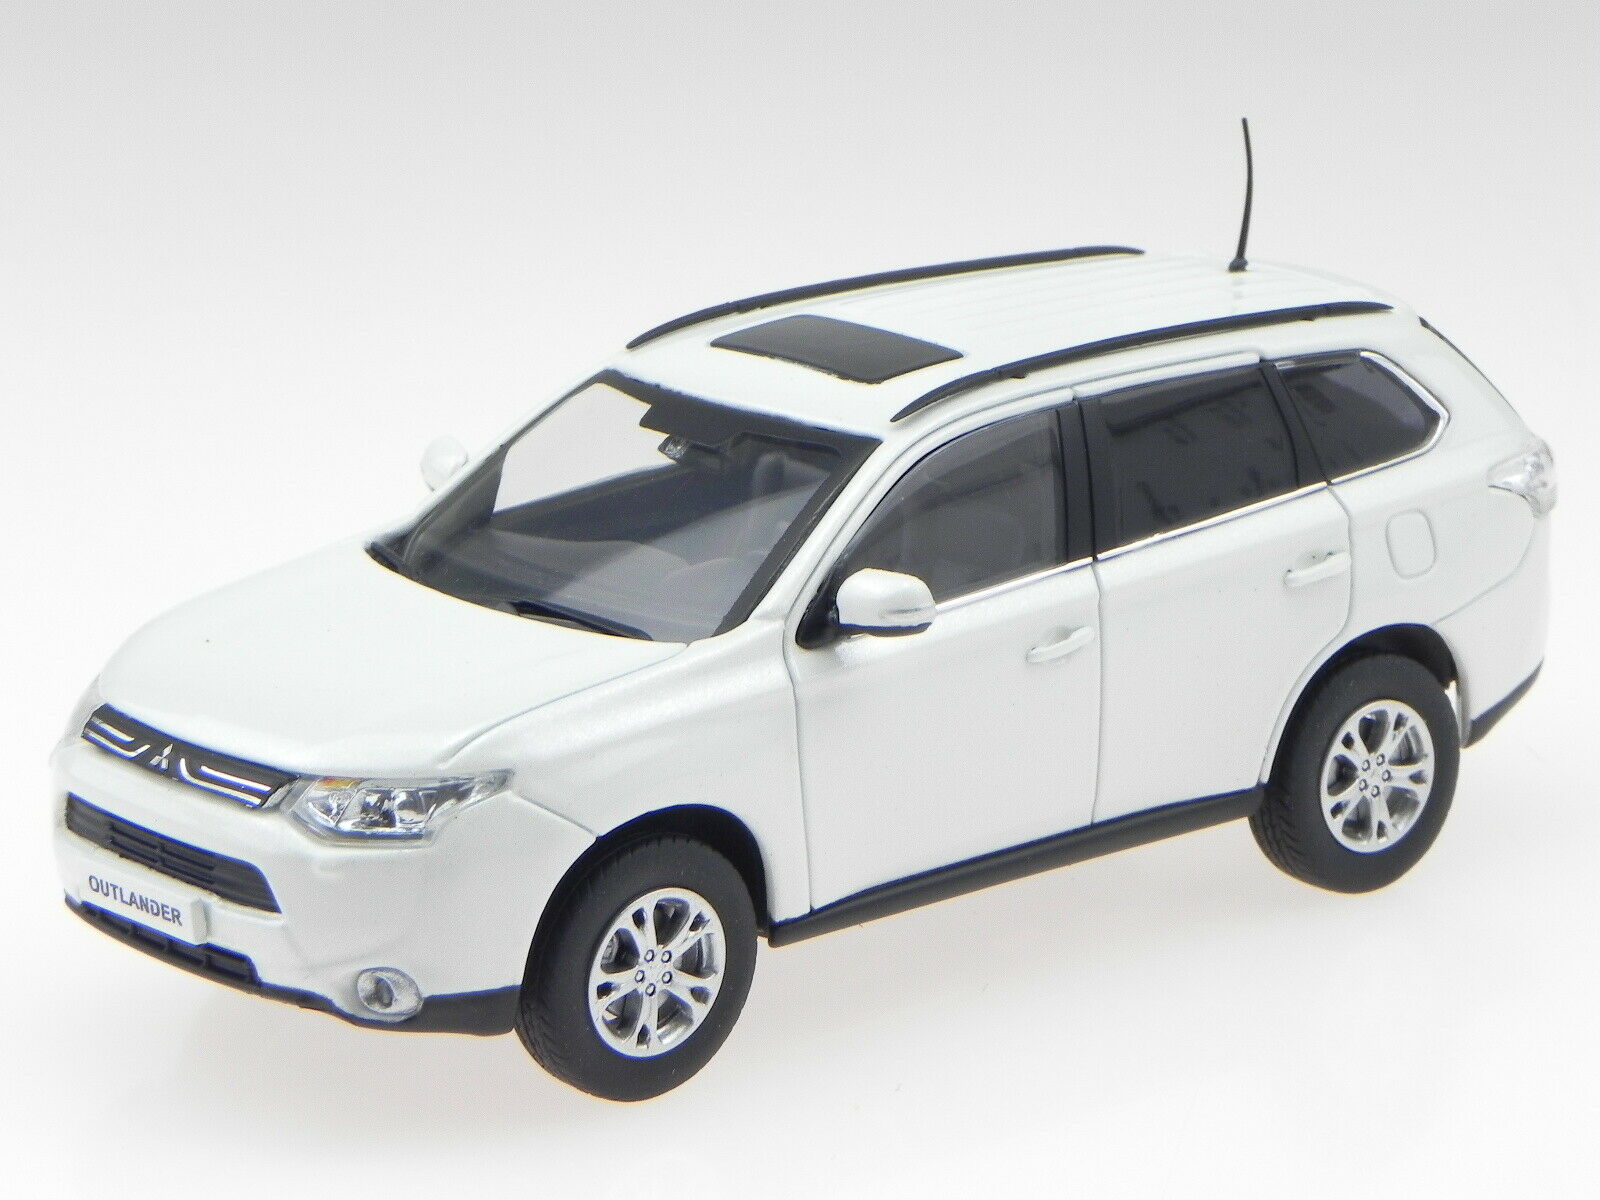 Mitsubishi Outlander white white white modelcar 29391 Vitesse 1 43 e794d4